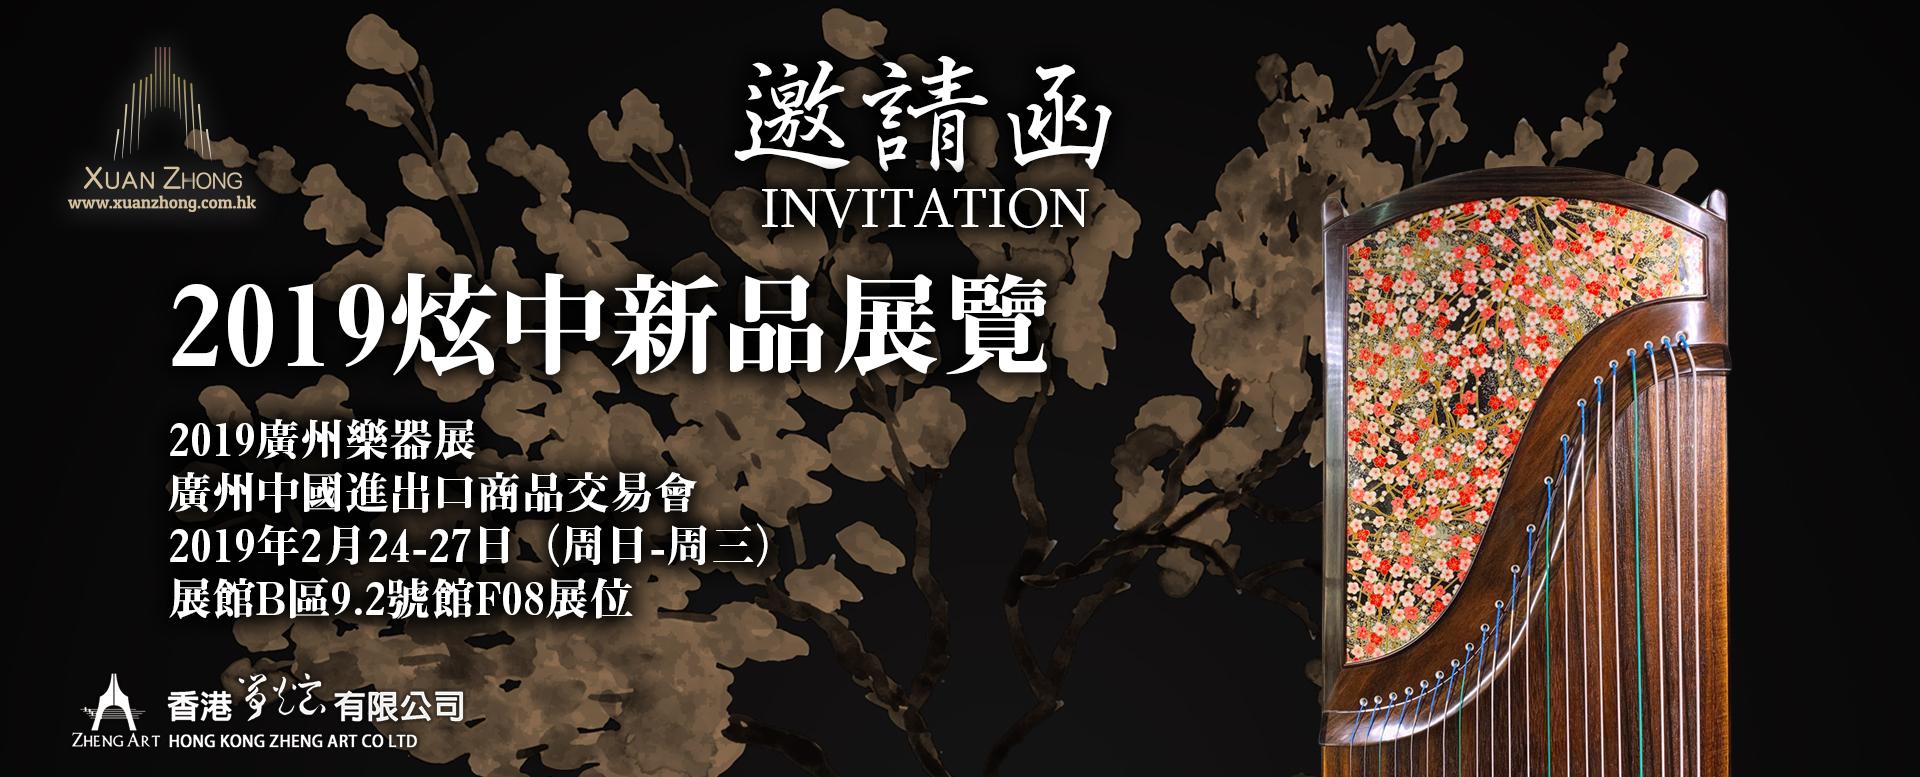 2019廣州樂器展邀請函